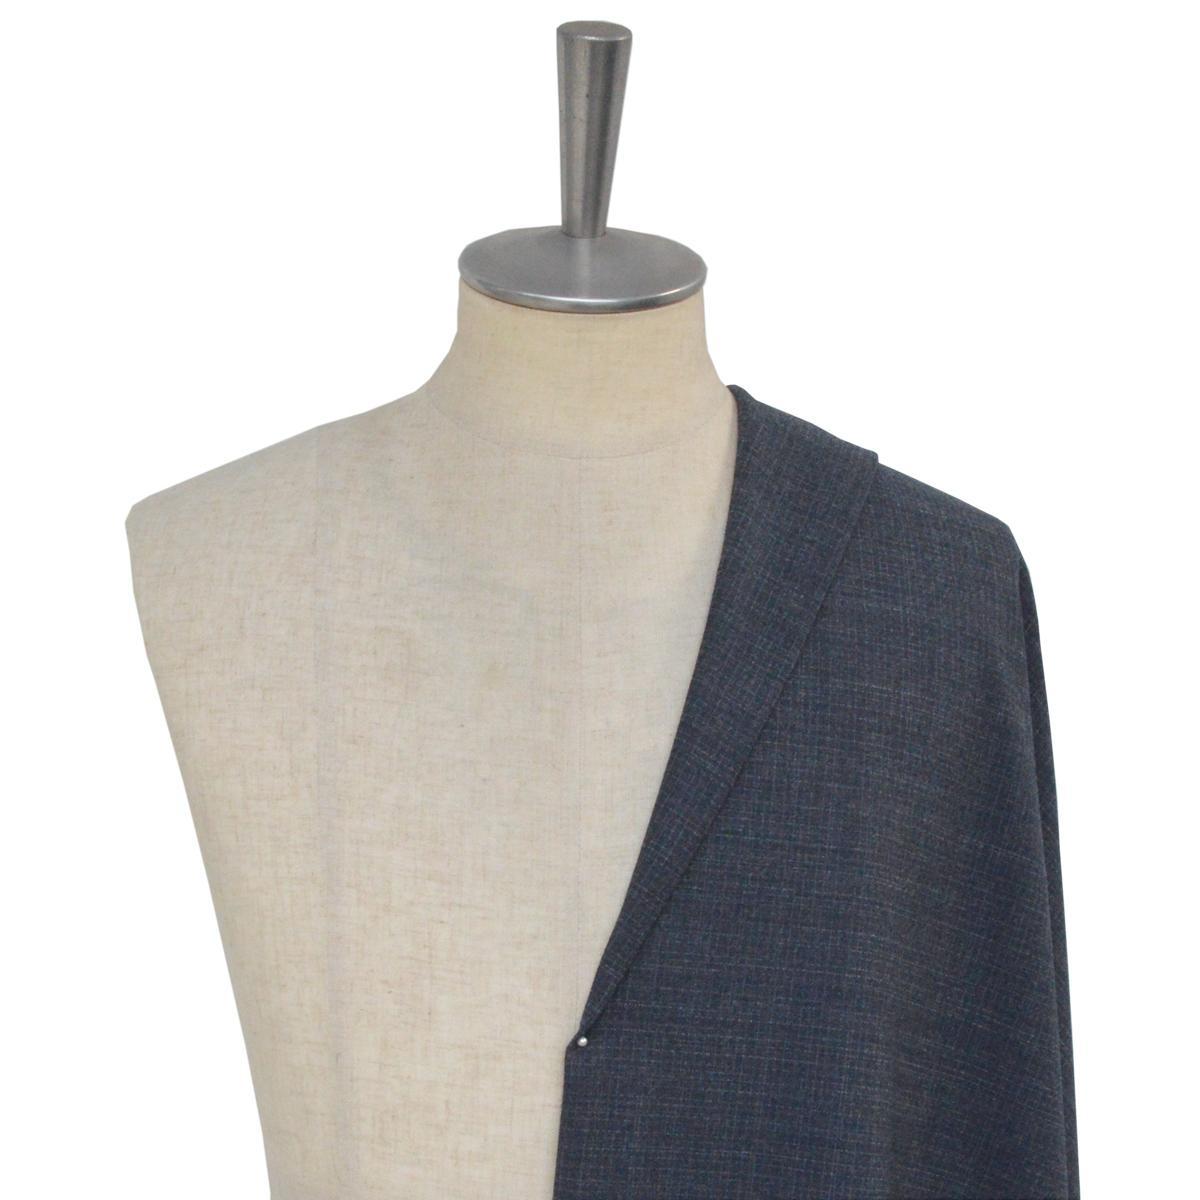 [オーダーレディーススーツ スカートセット]【BOTTO】グレンチェック柄で存在感や個性を